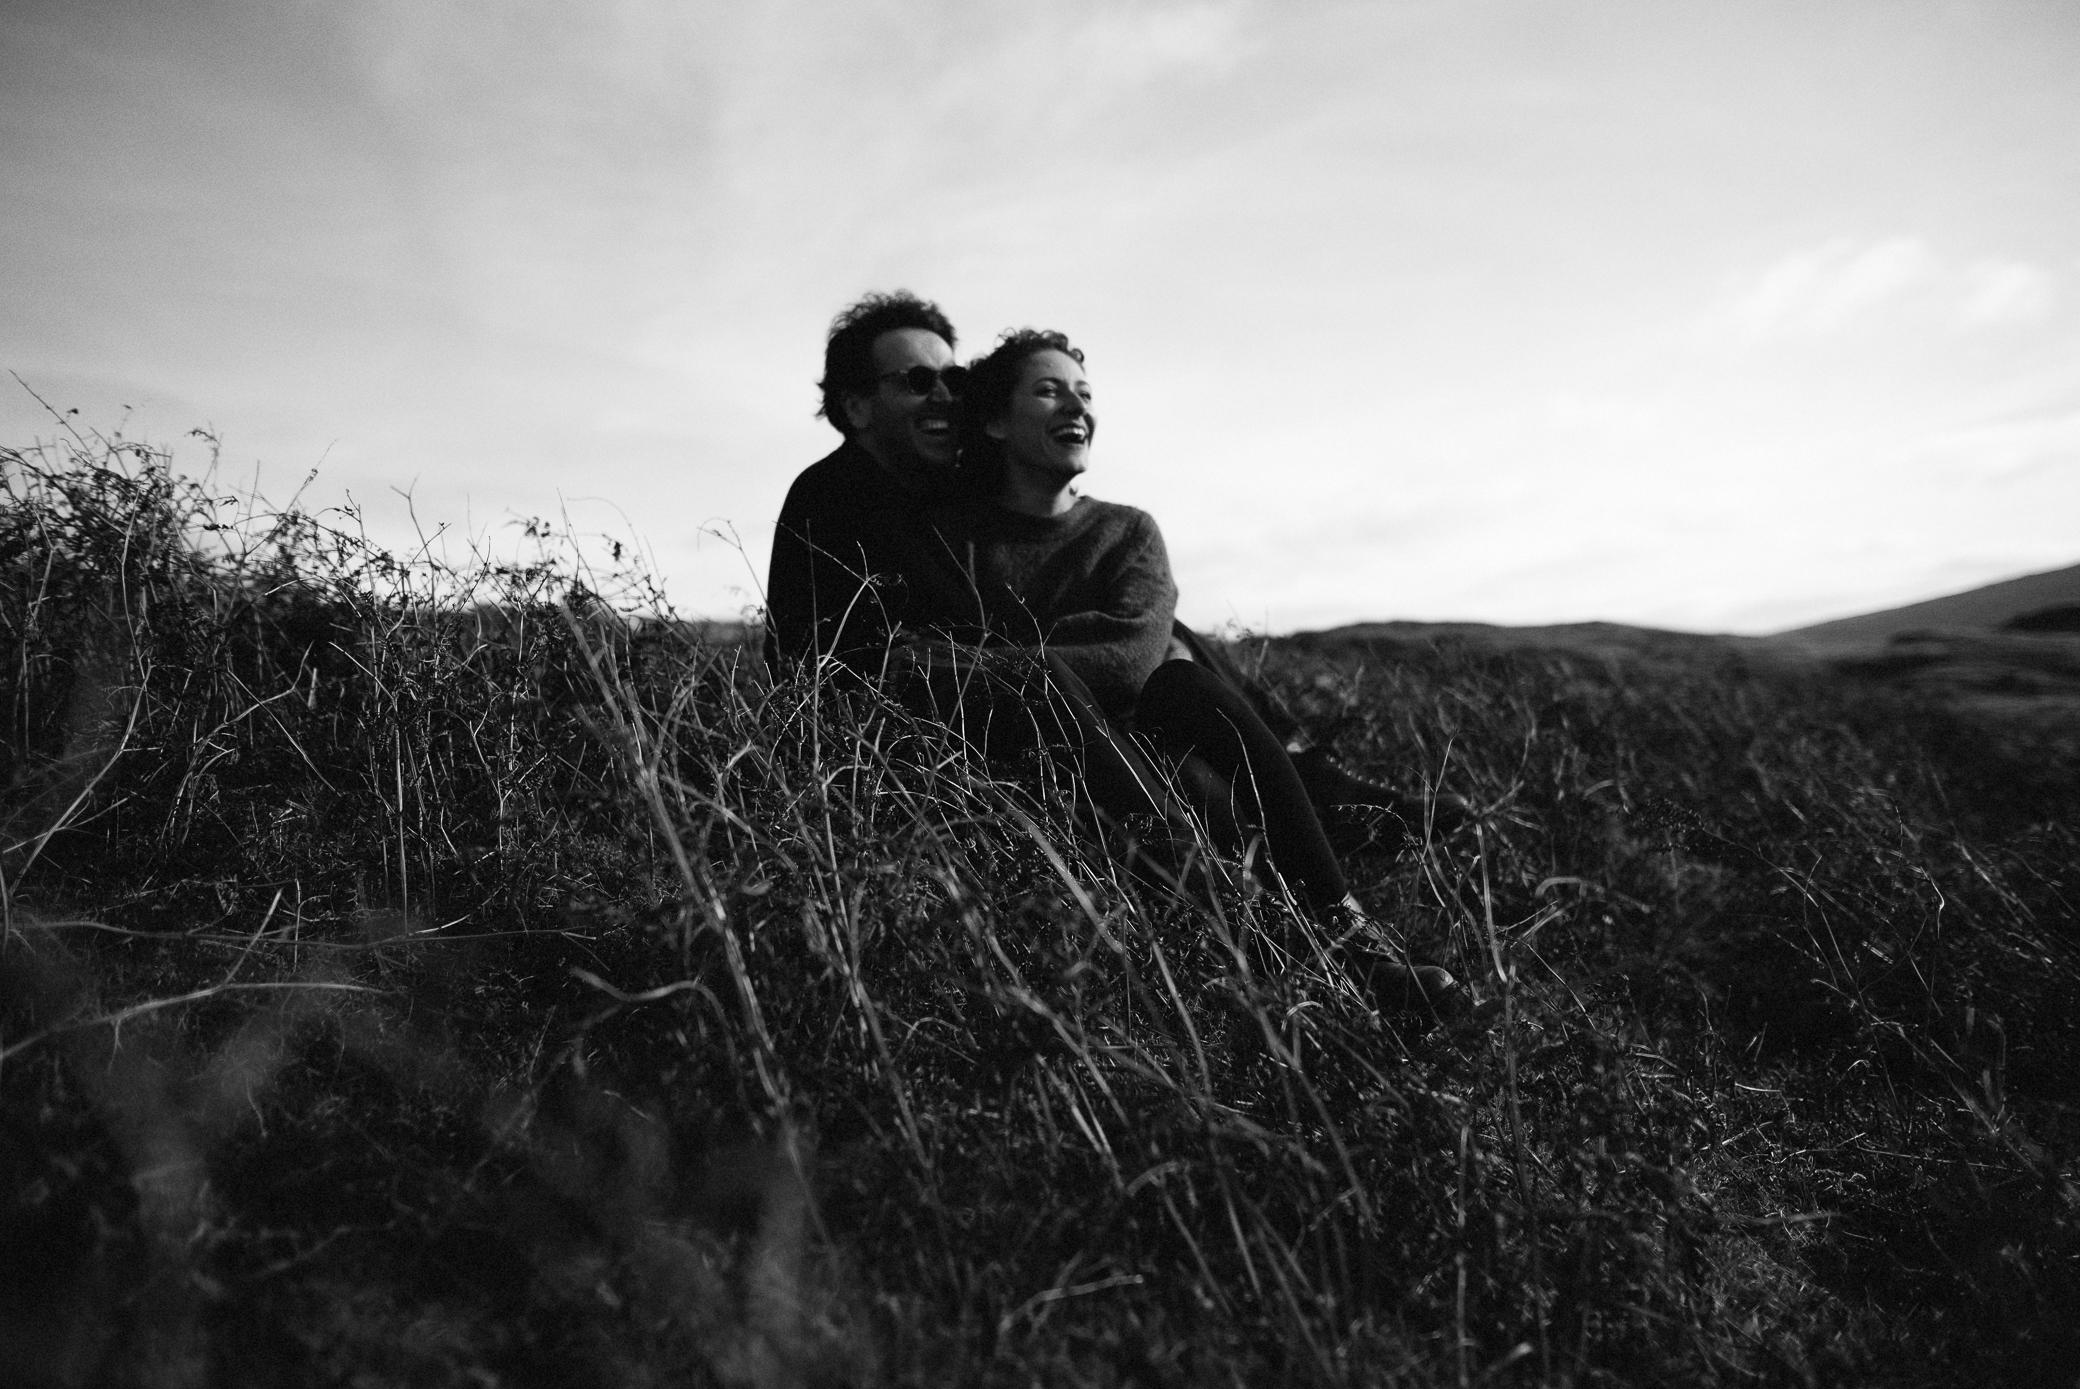 Meiry&Nic_Elopetoireland-34.jpg